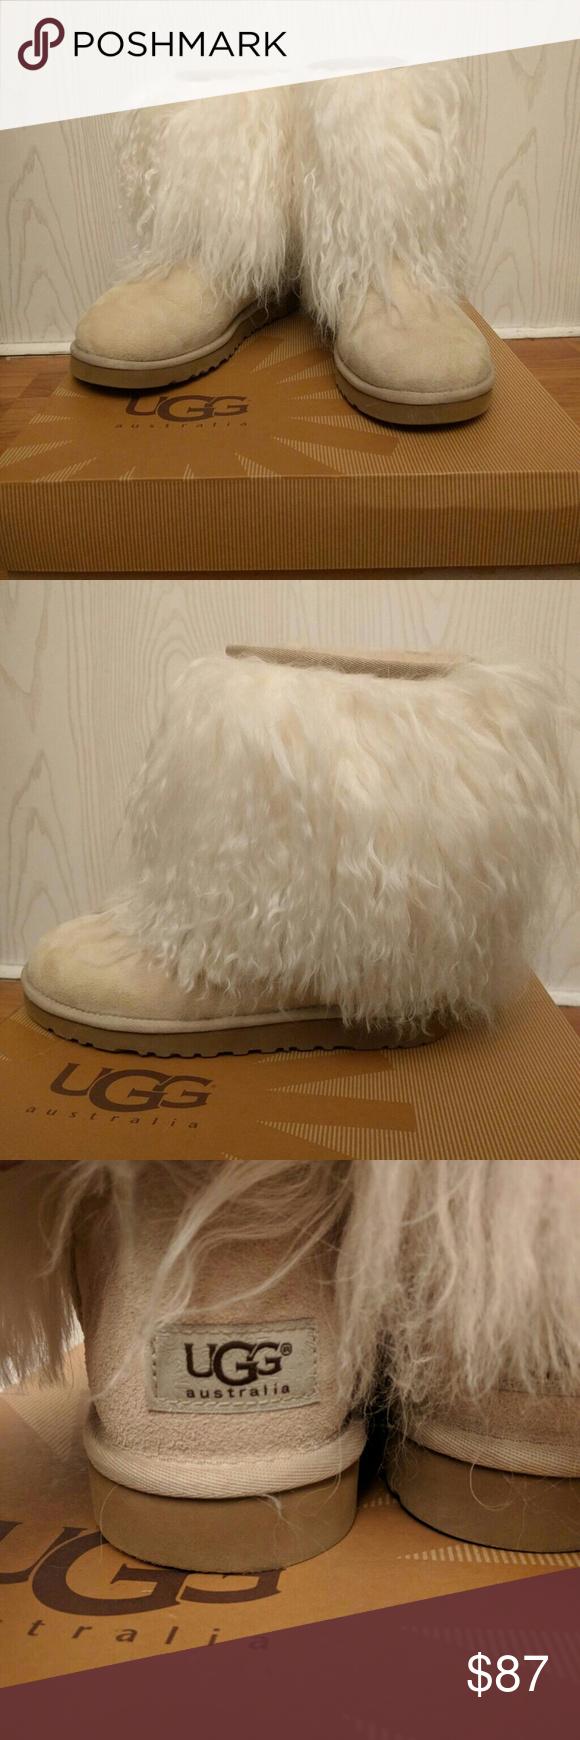 0912b2af4fc Ugg Mongolian Sheepskin 8in Cuff Ugg Mongolian Sheepskin 8in Cuff ...